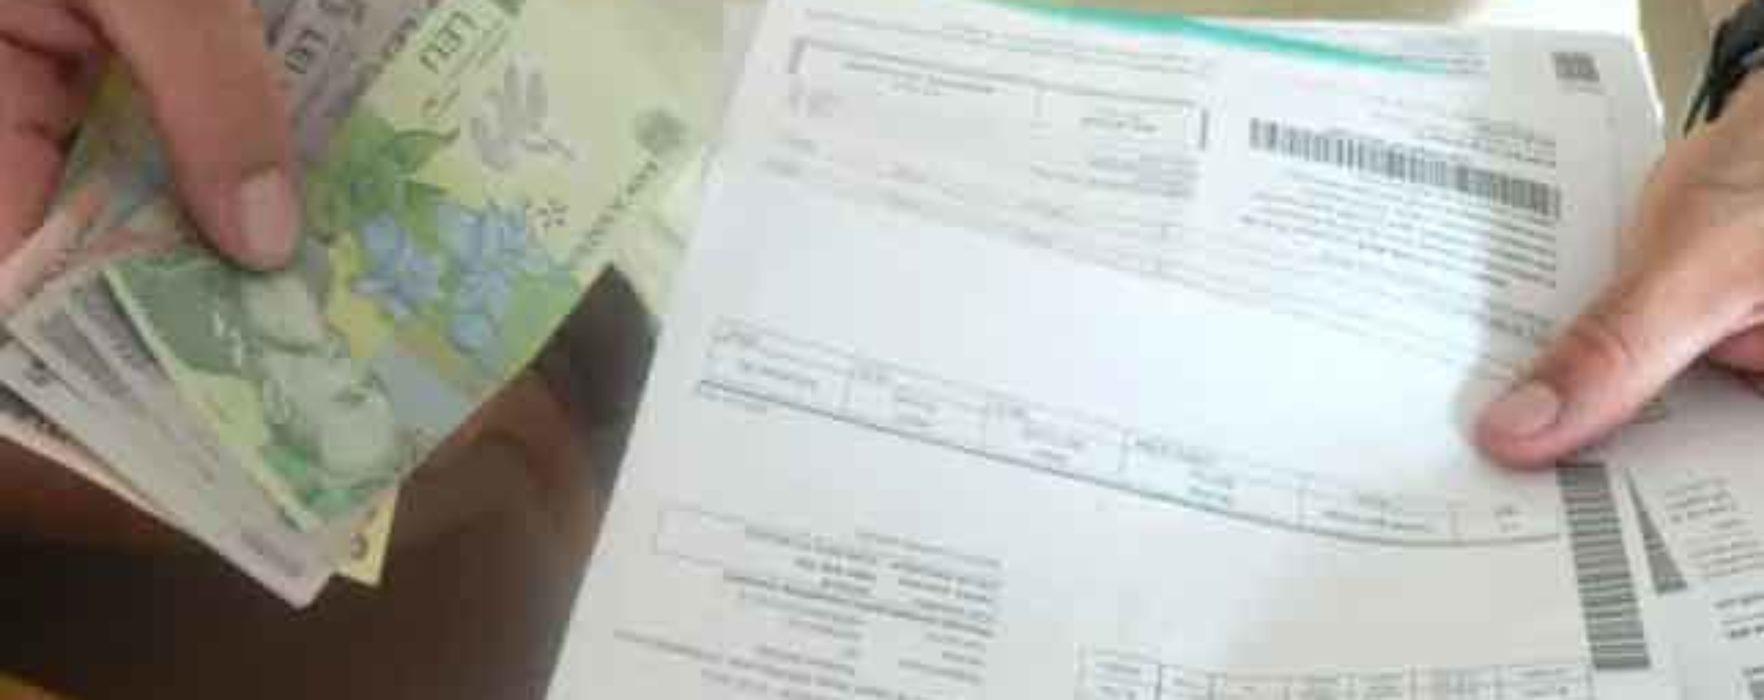 CATD: Unde pot face sesizări cei care nu primesc factura la timp